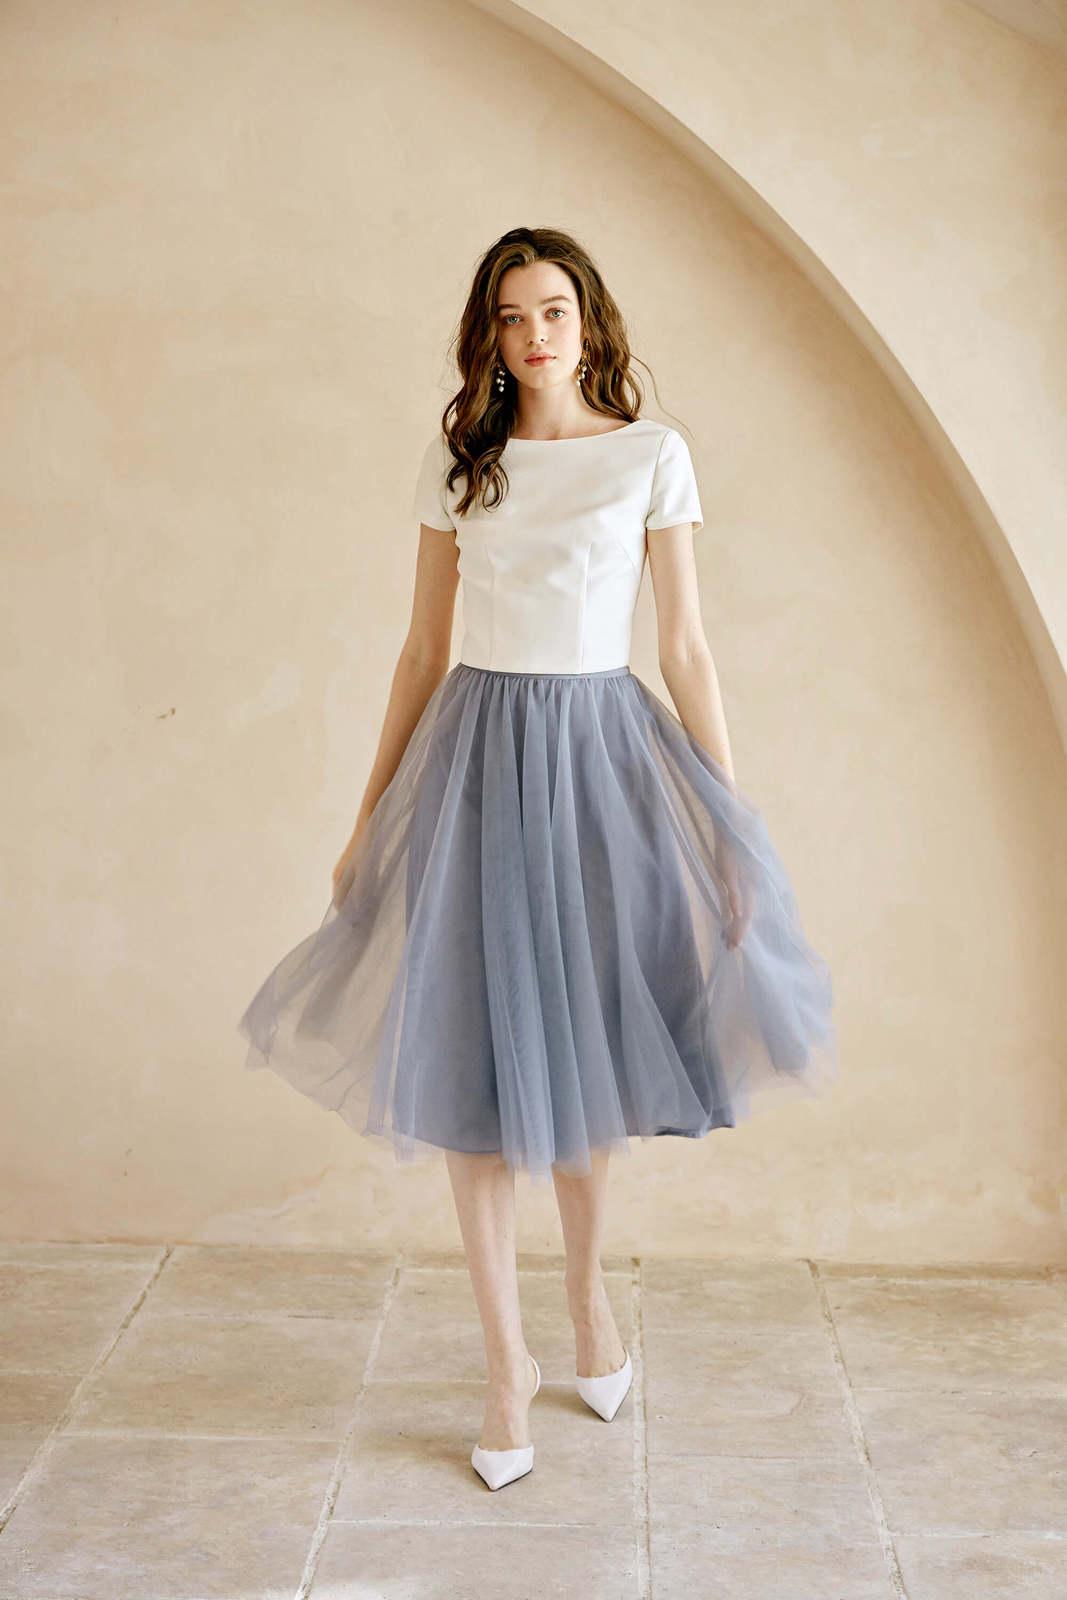 Sofest tull skirt  14